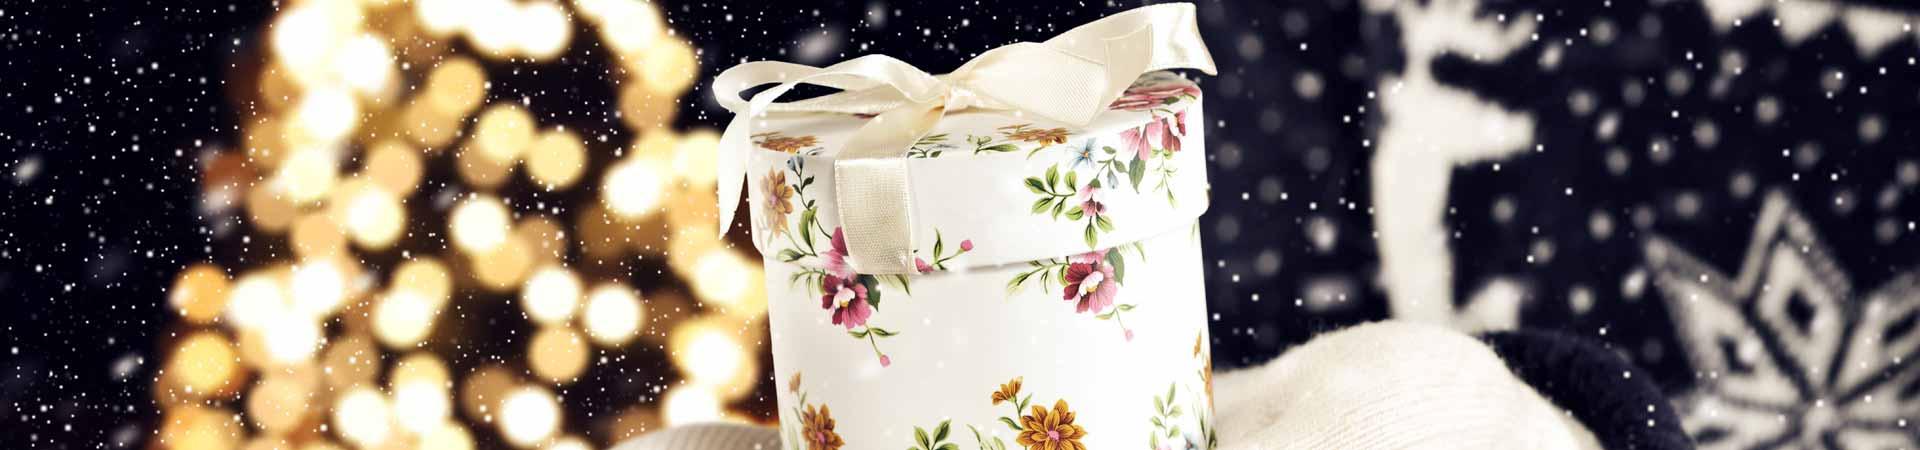 Header Weihnachtsgeschenk